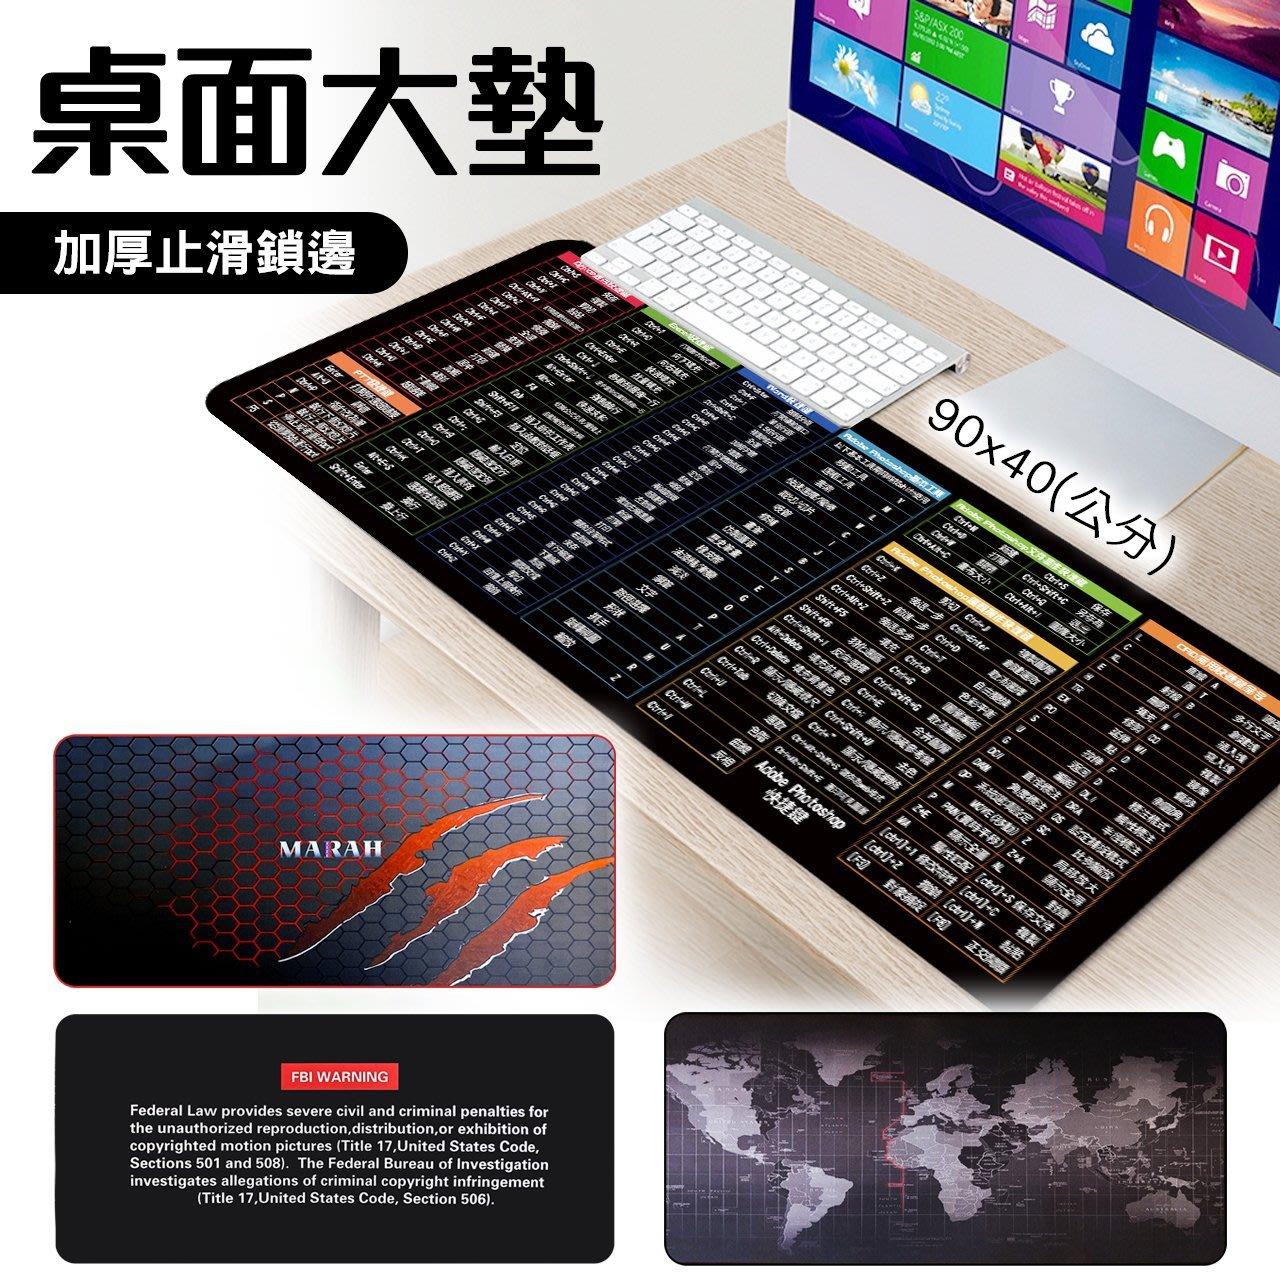 加大加厚精密鎖邊 世界地圖 90*40cm 滑鼠墊 鍵盤墊 桌墊 加大滑鼠墊 鼠標墊【G1039】